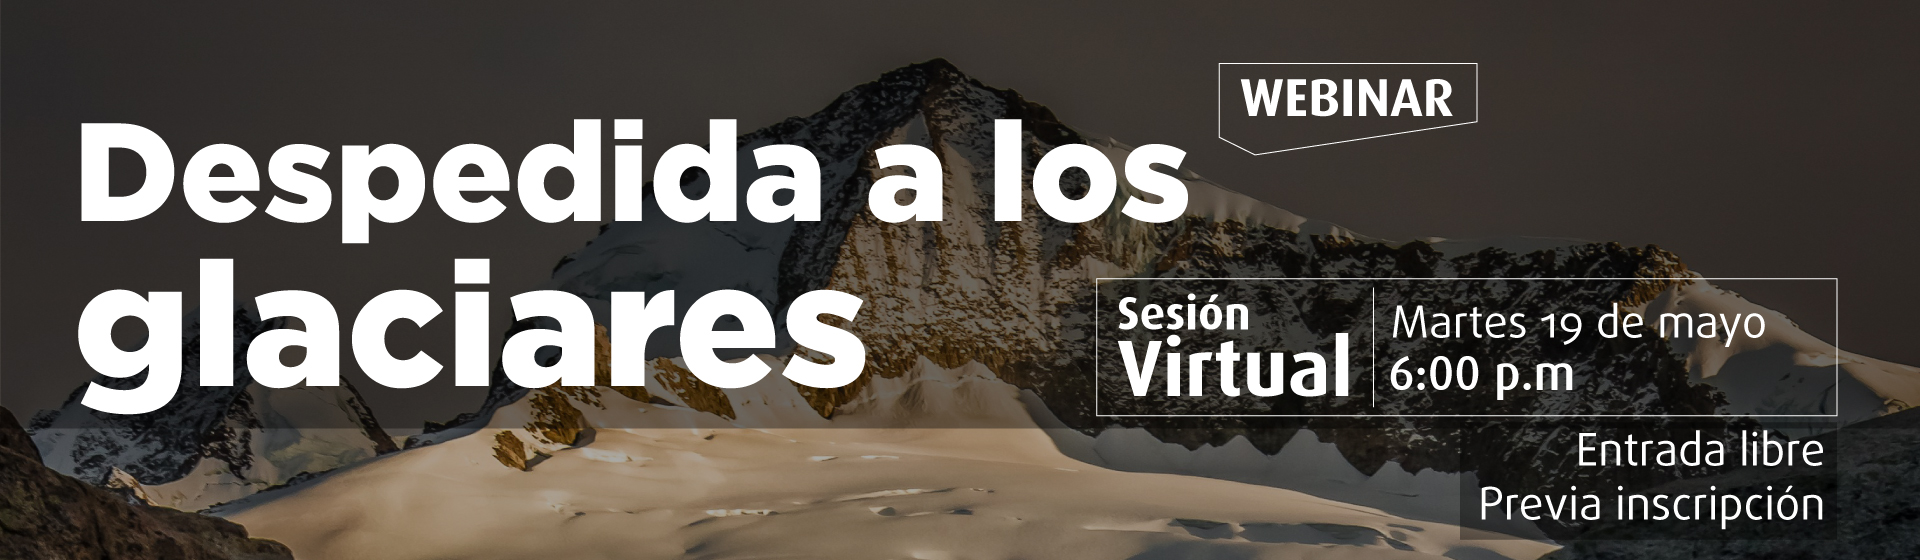 Webinar Despedida a los glaciares - Cider | Uniandes